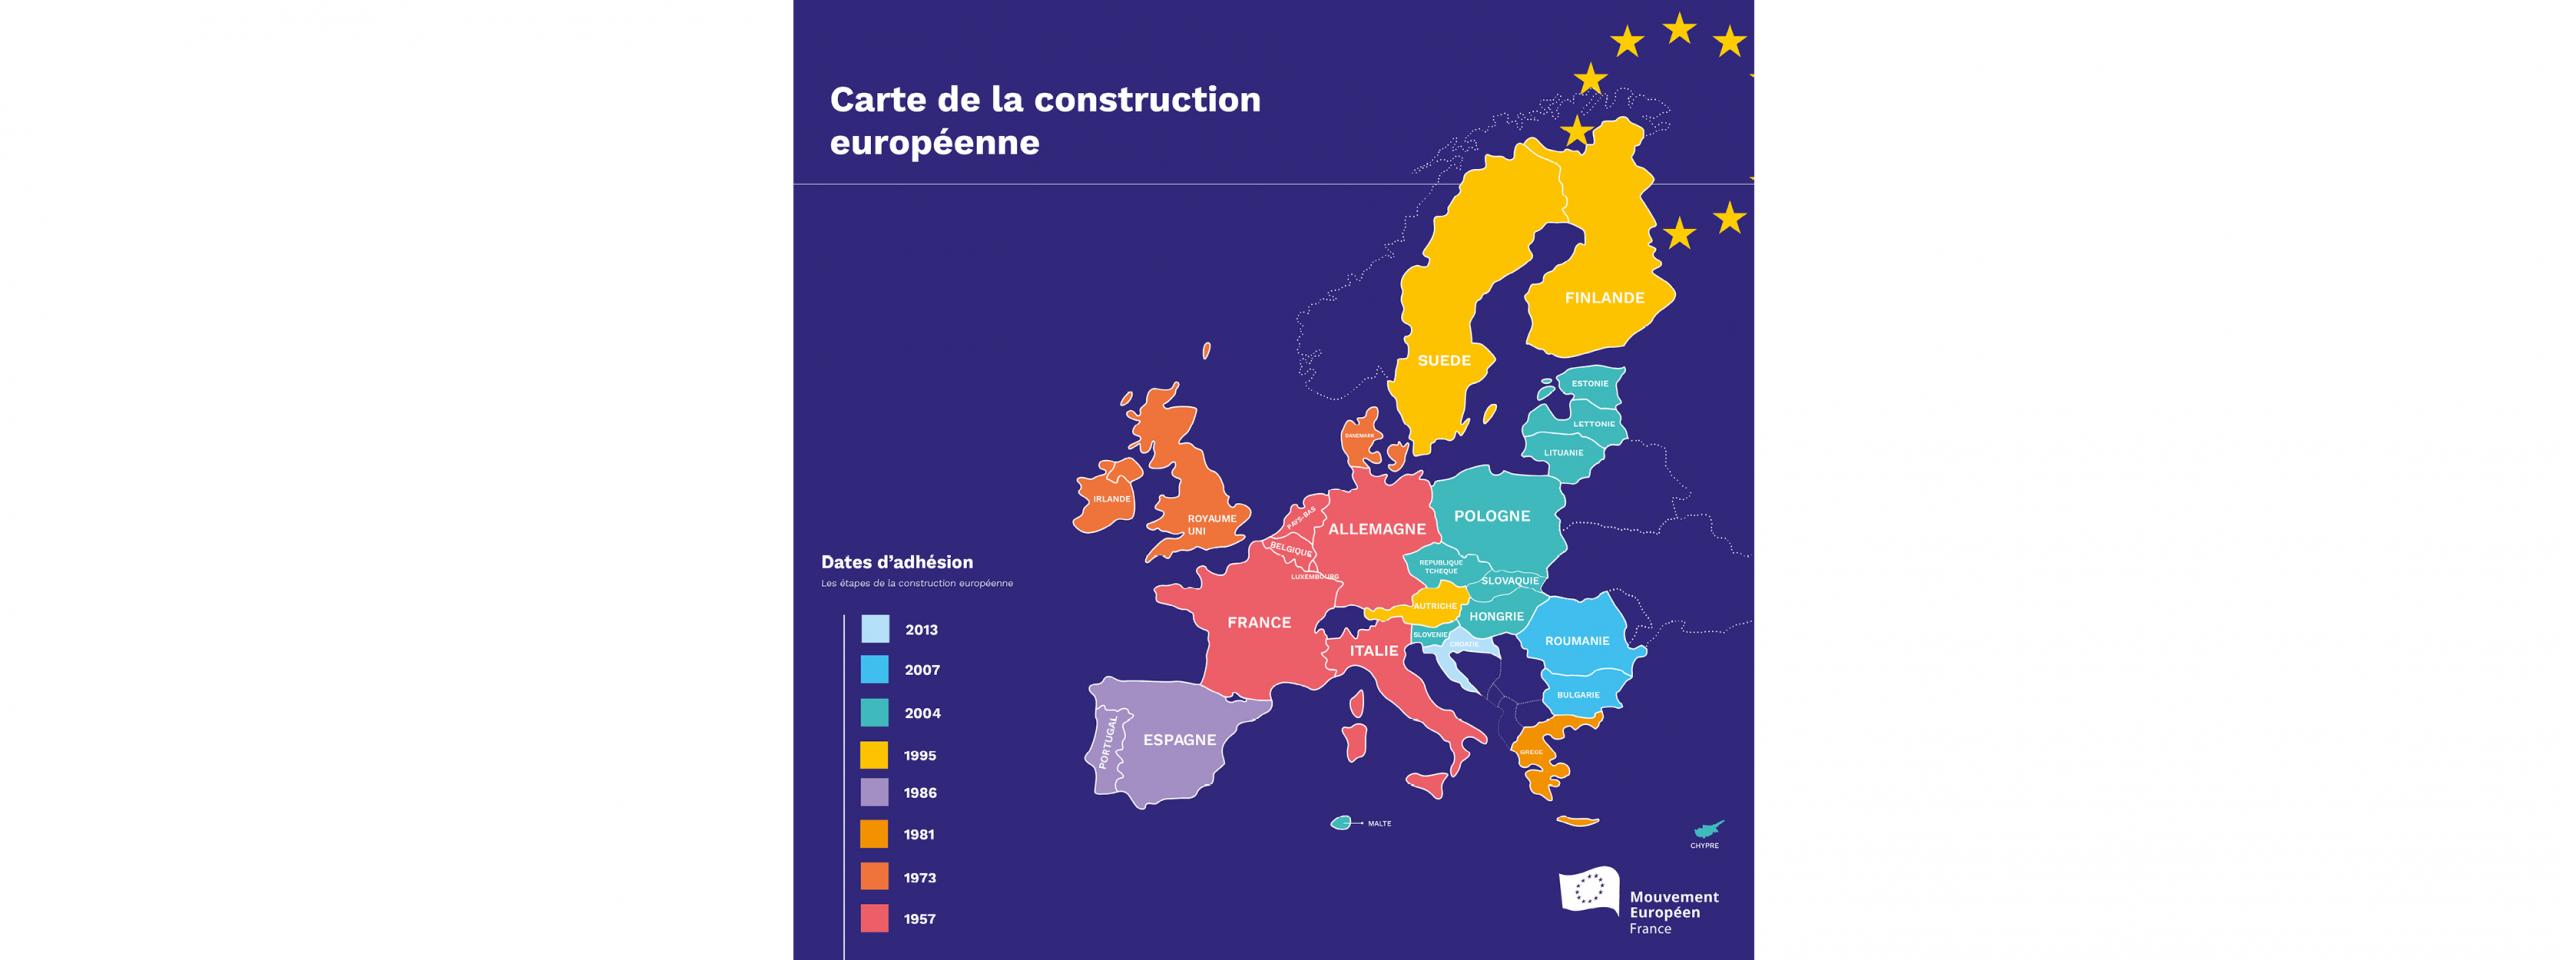 Union Européenne : La Construction Européenne En Carte destiné Pays Membre De L Europe